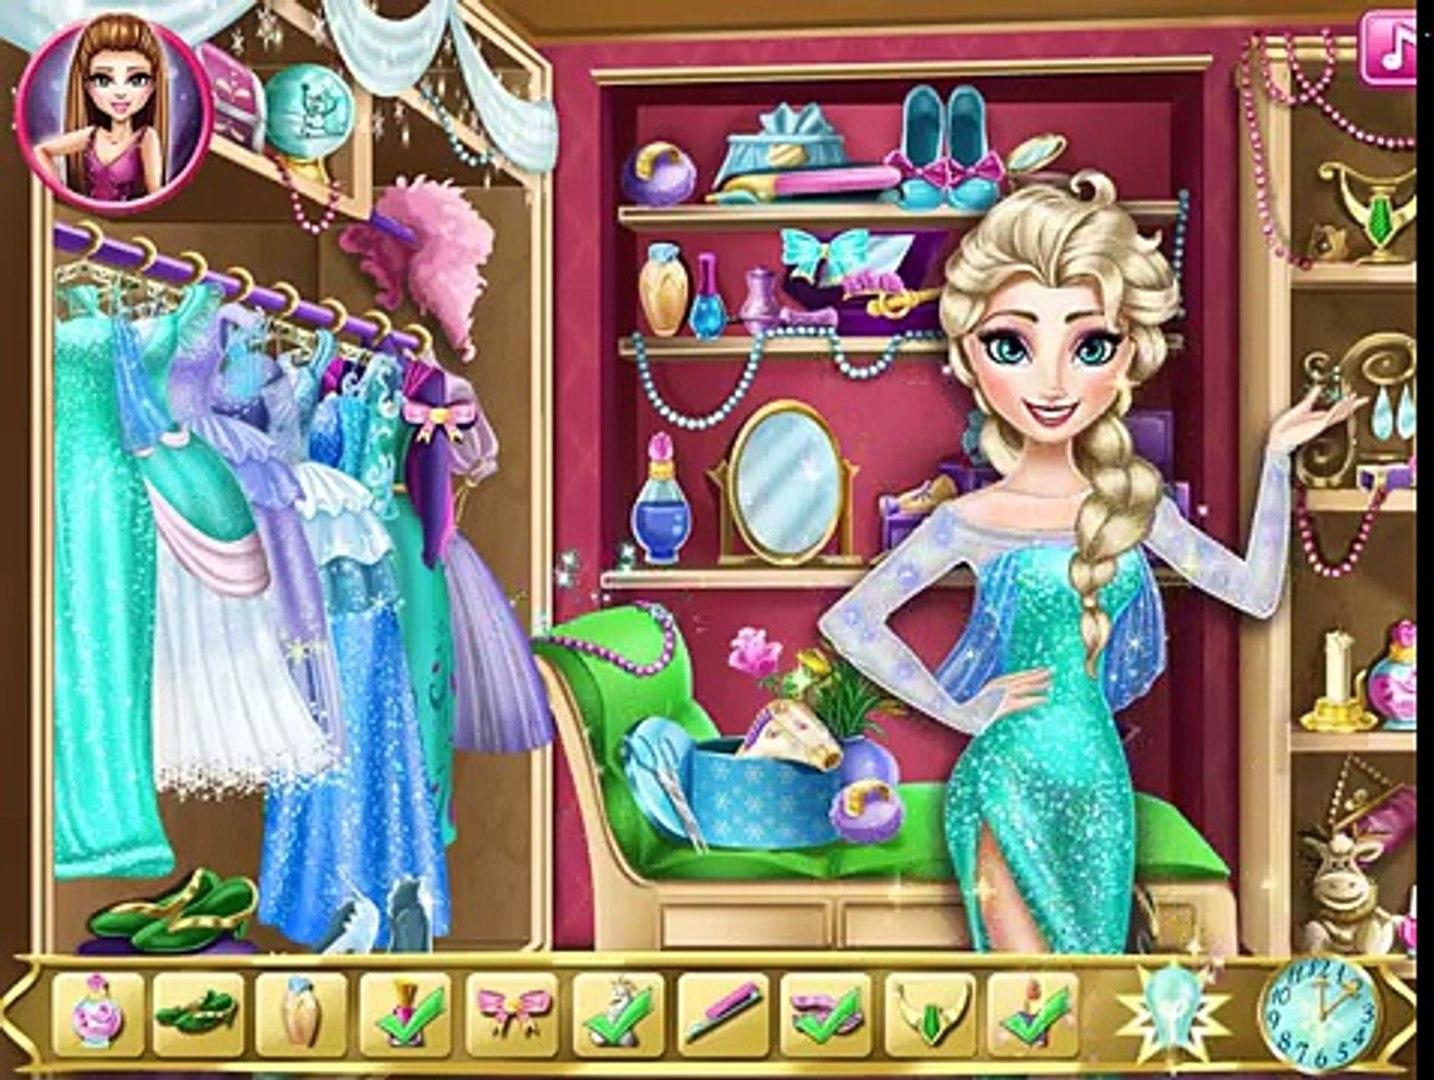 Elsa Frozen Игры—Эльза собирается на бал—Онлайн Видео Игры Для Детей Мультфильм new